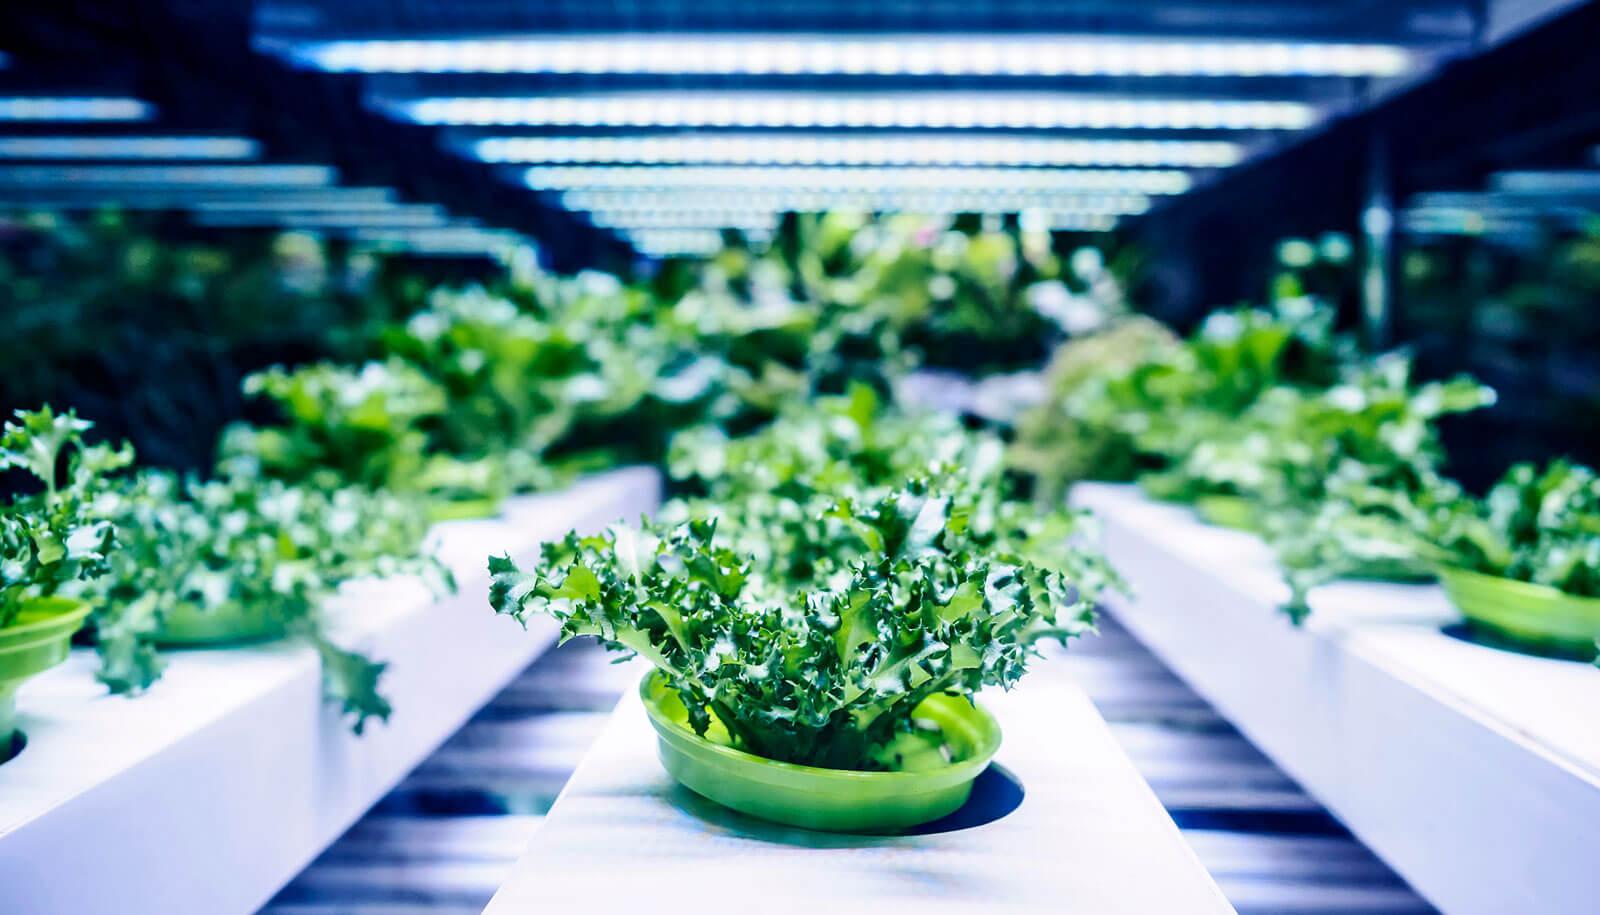 đèn quang hợp trồng rau